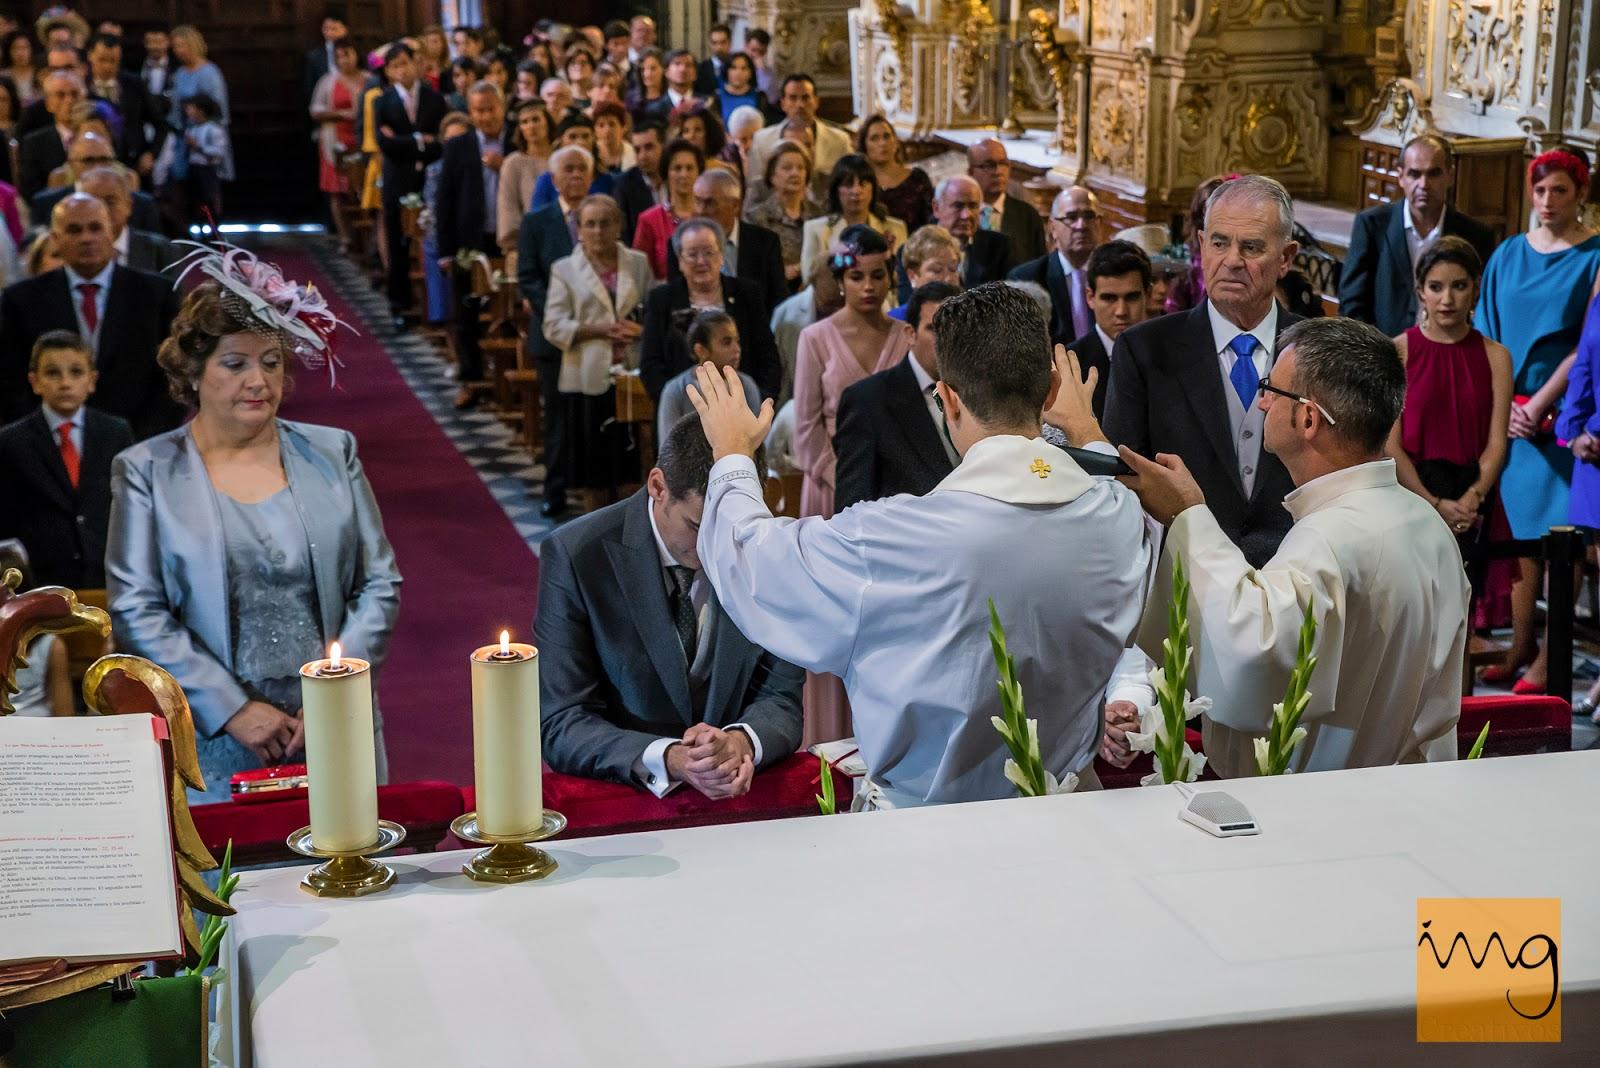 Fotografía de boda en granada, bendiciones